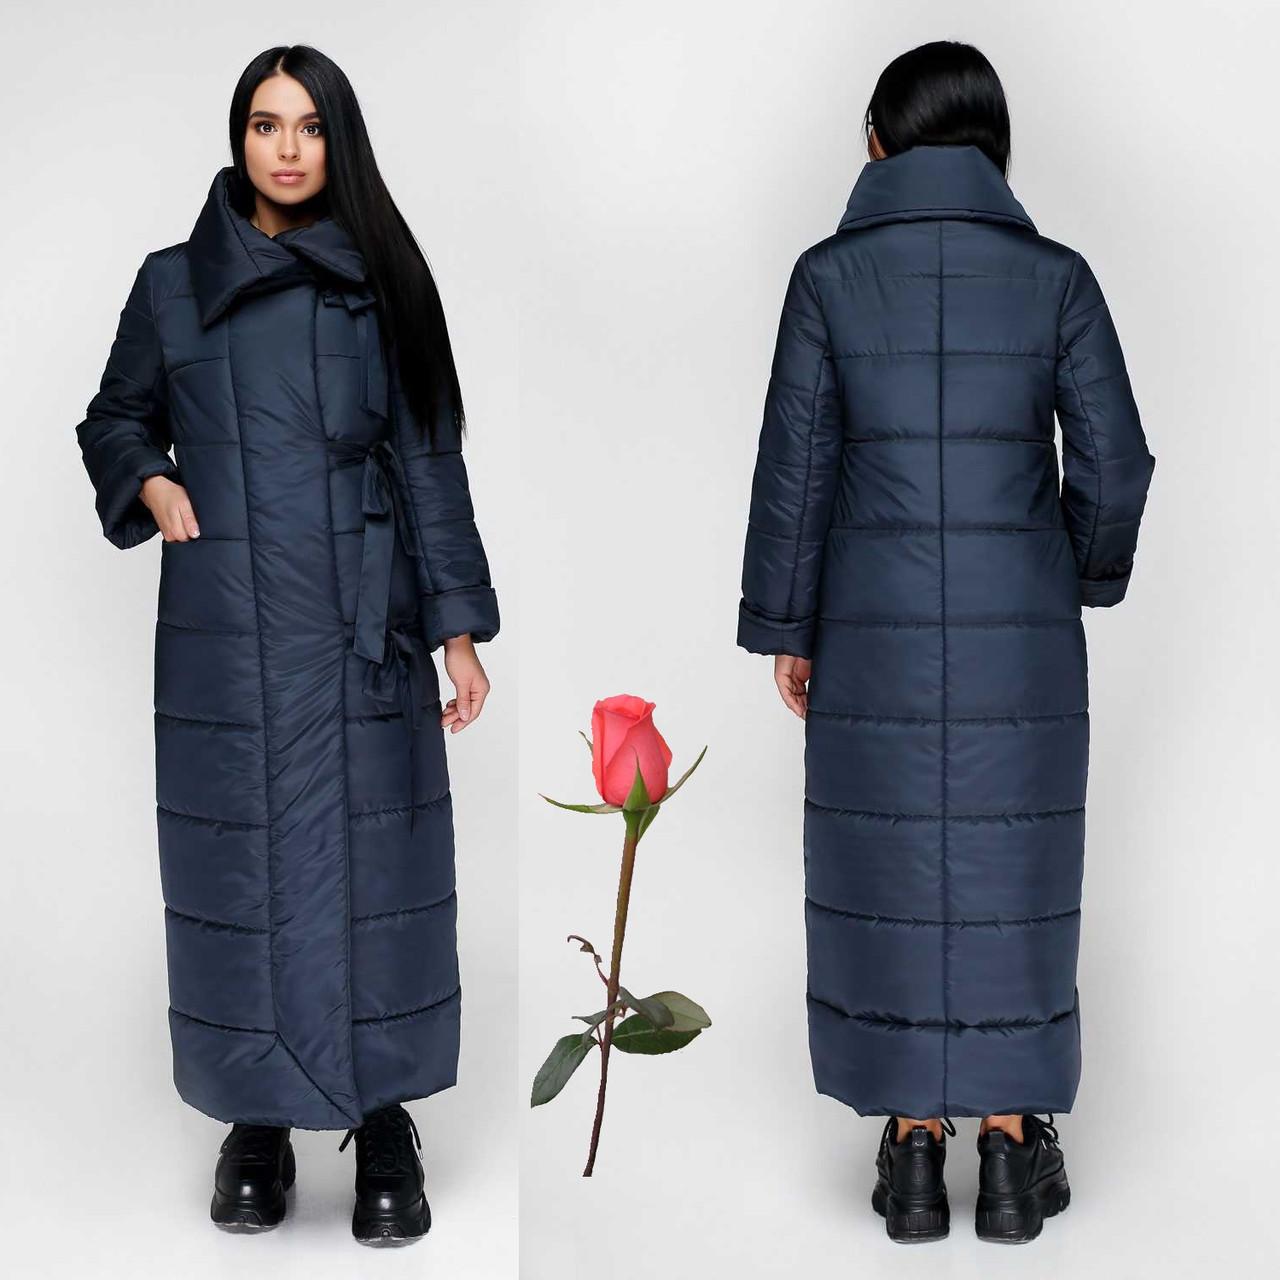 Женский зимний пуховик-одеяло F771167  Темно-синий